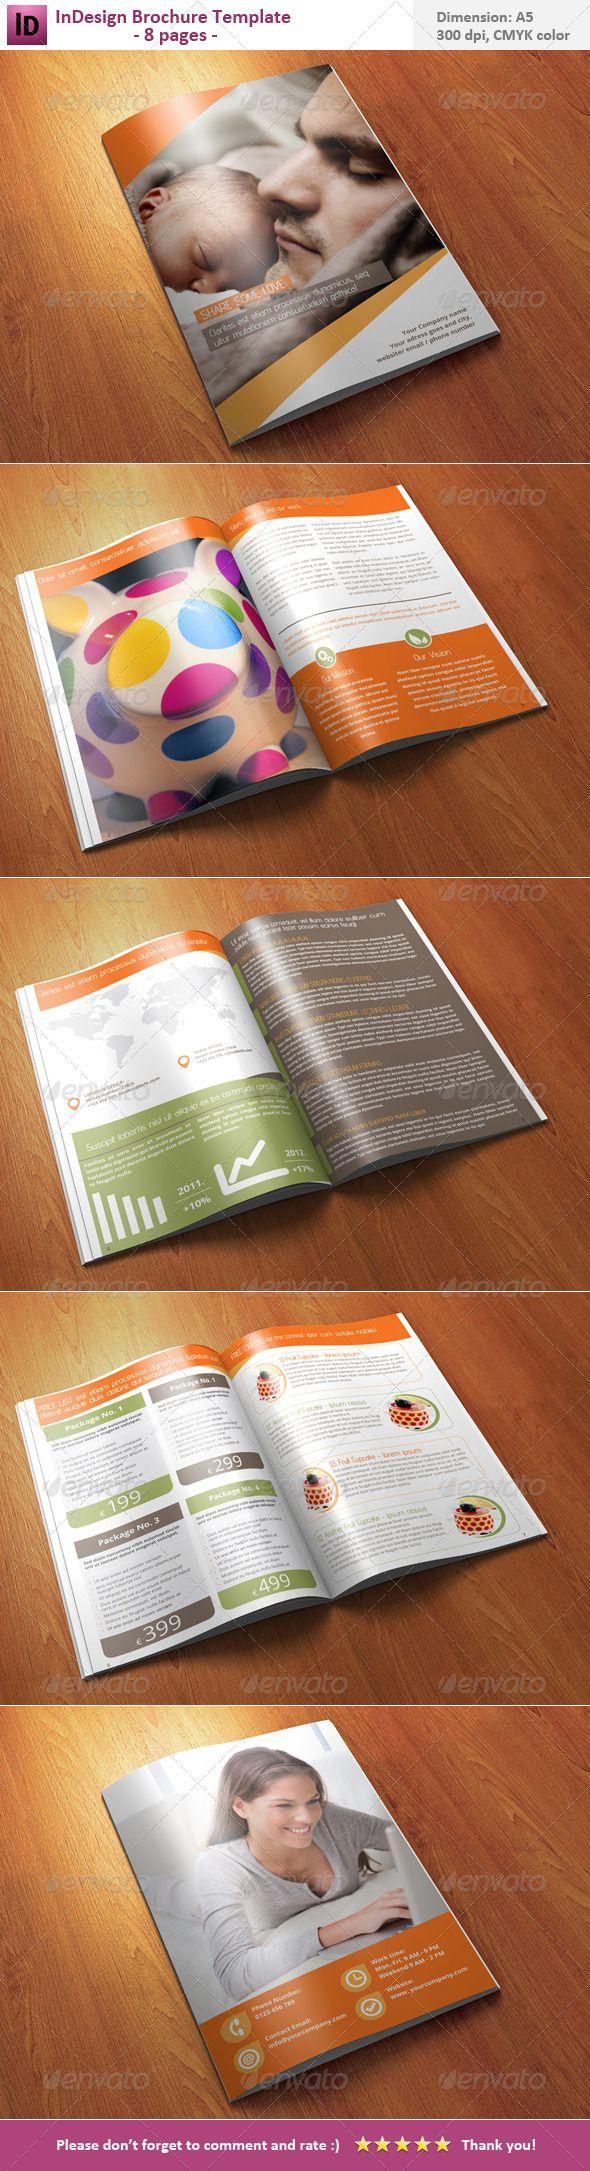 InDesign Brochure Template - 8 pages | Moderno, Advenimiento y Etiquetas